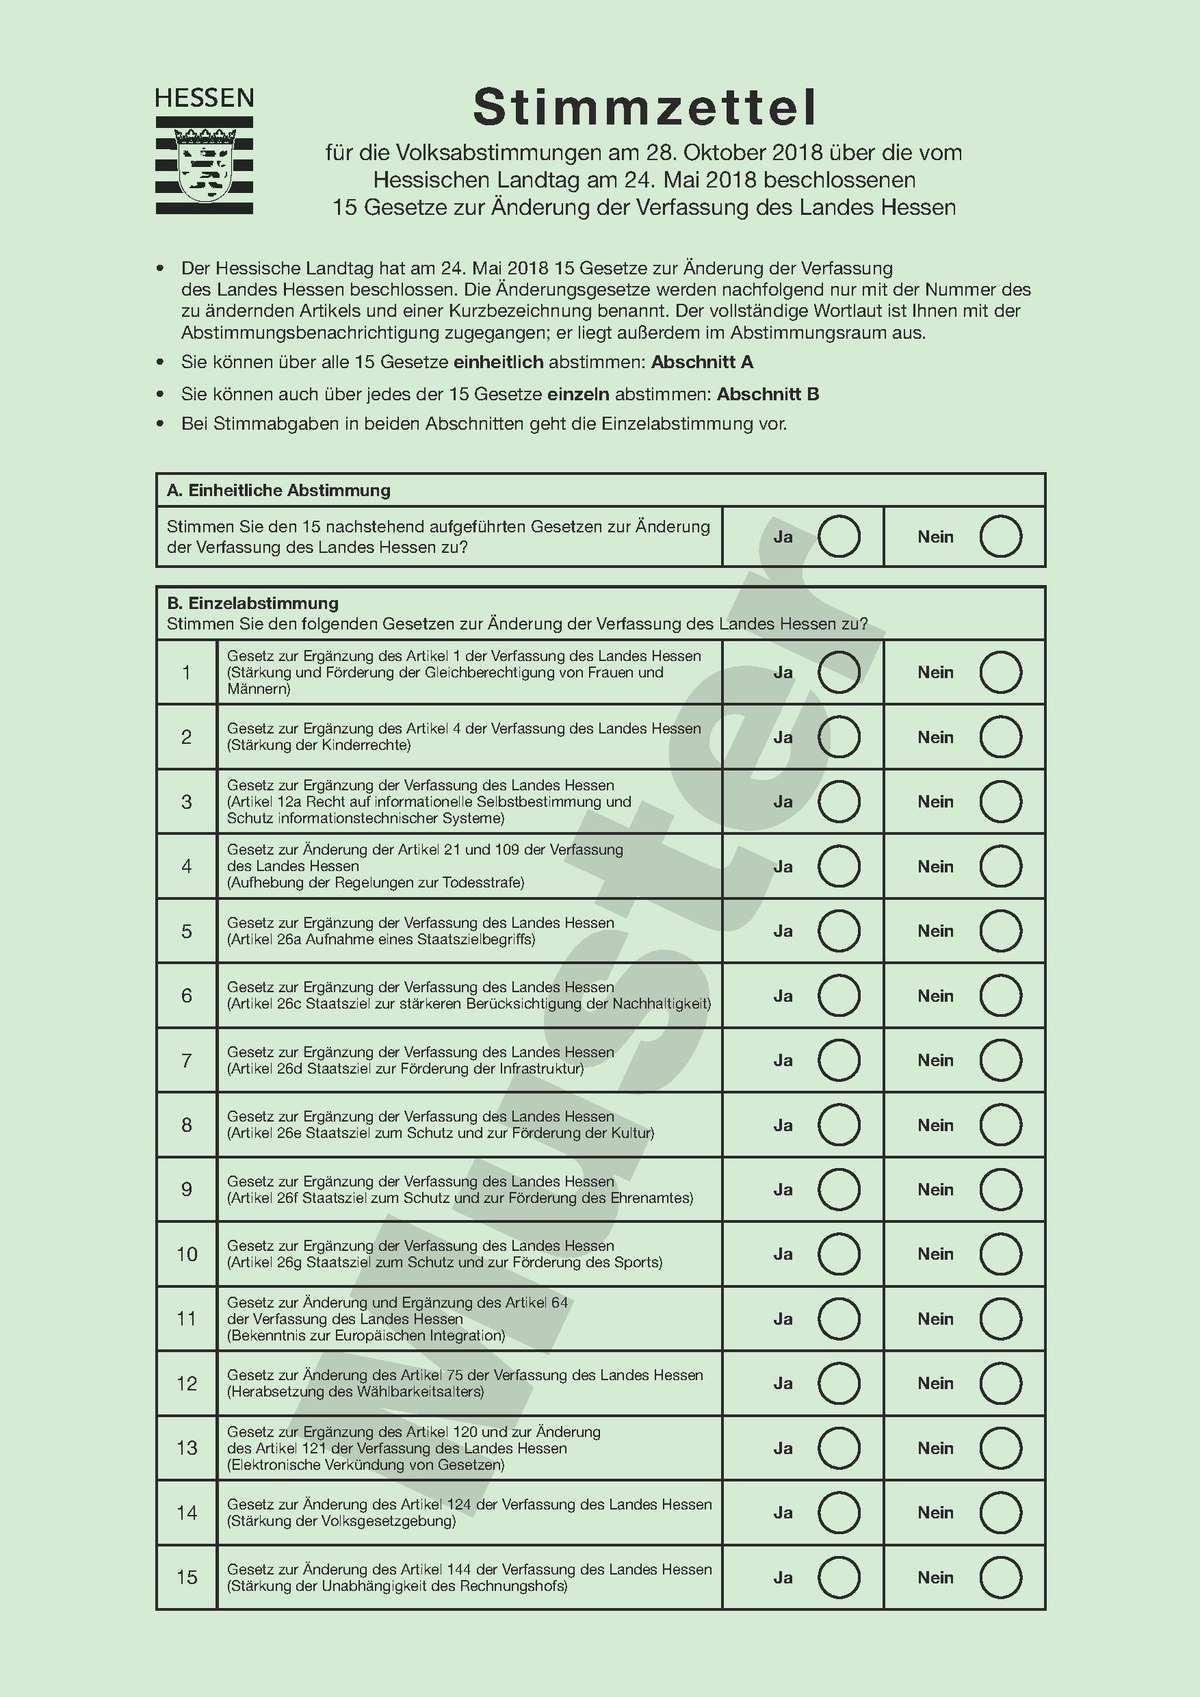 Volksabstimmungen In Hessen 2018 Wikipedia